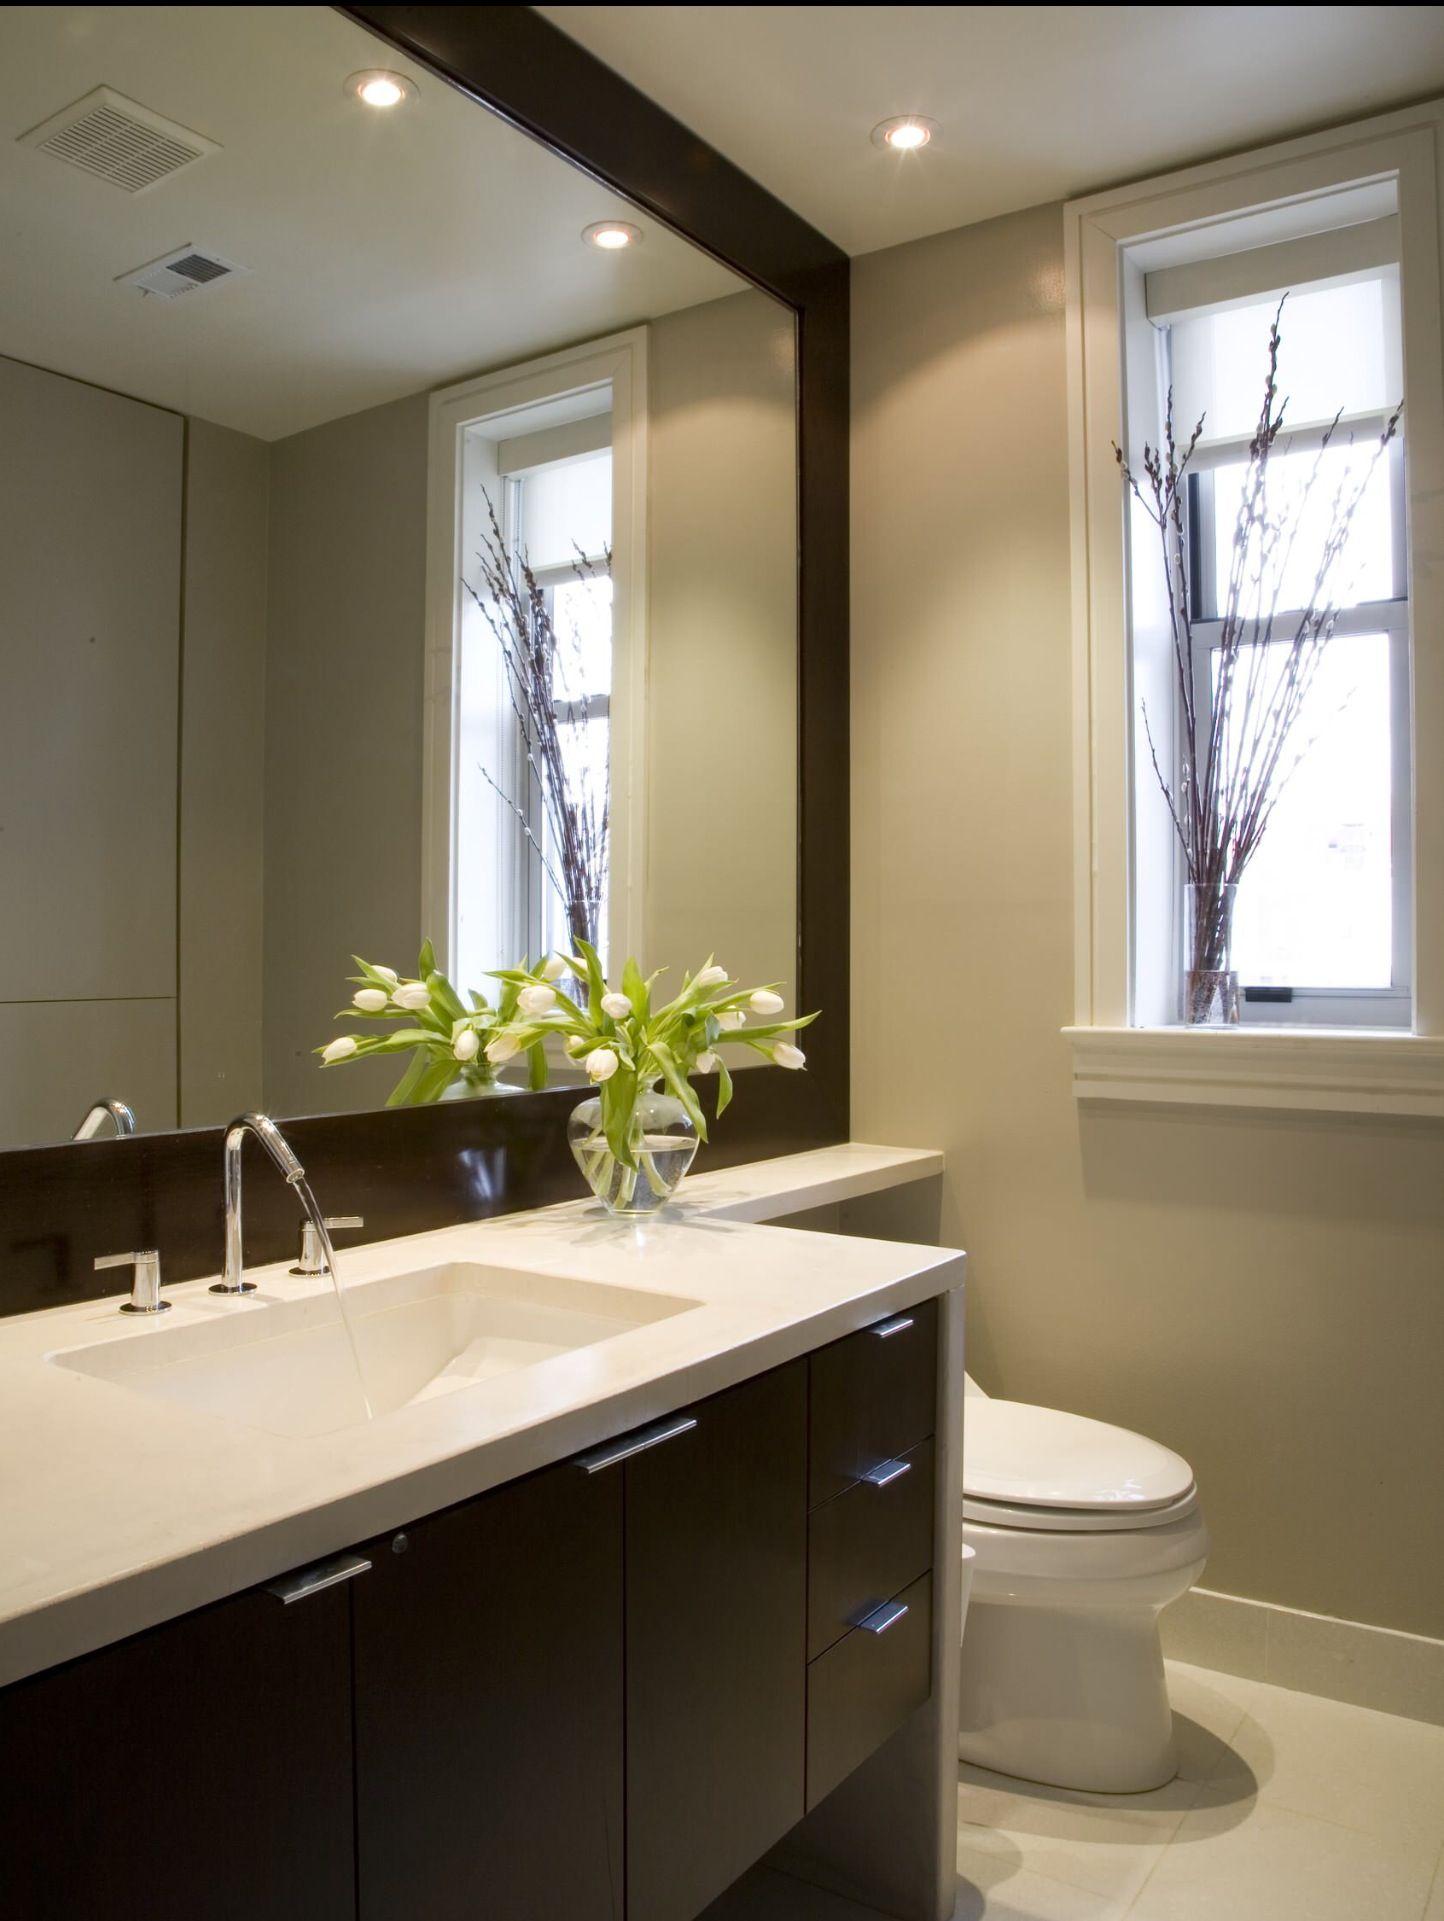 1/2 bath | Bathroom mirror design, Modern bathroom design ...